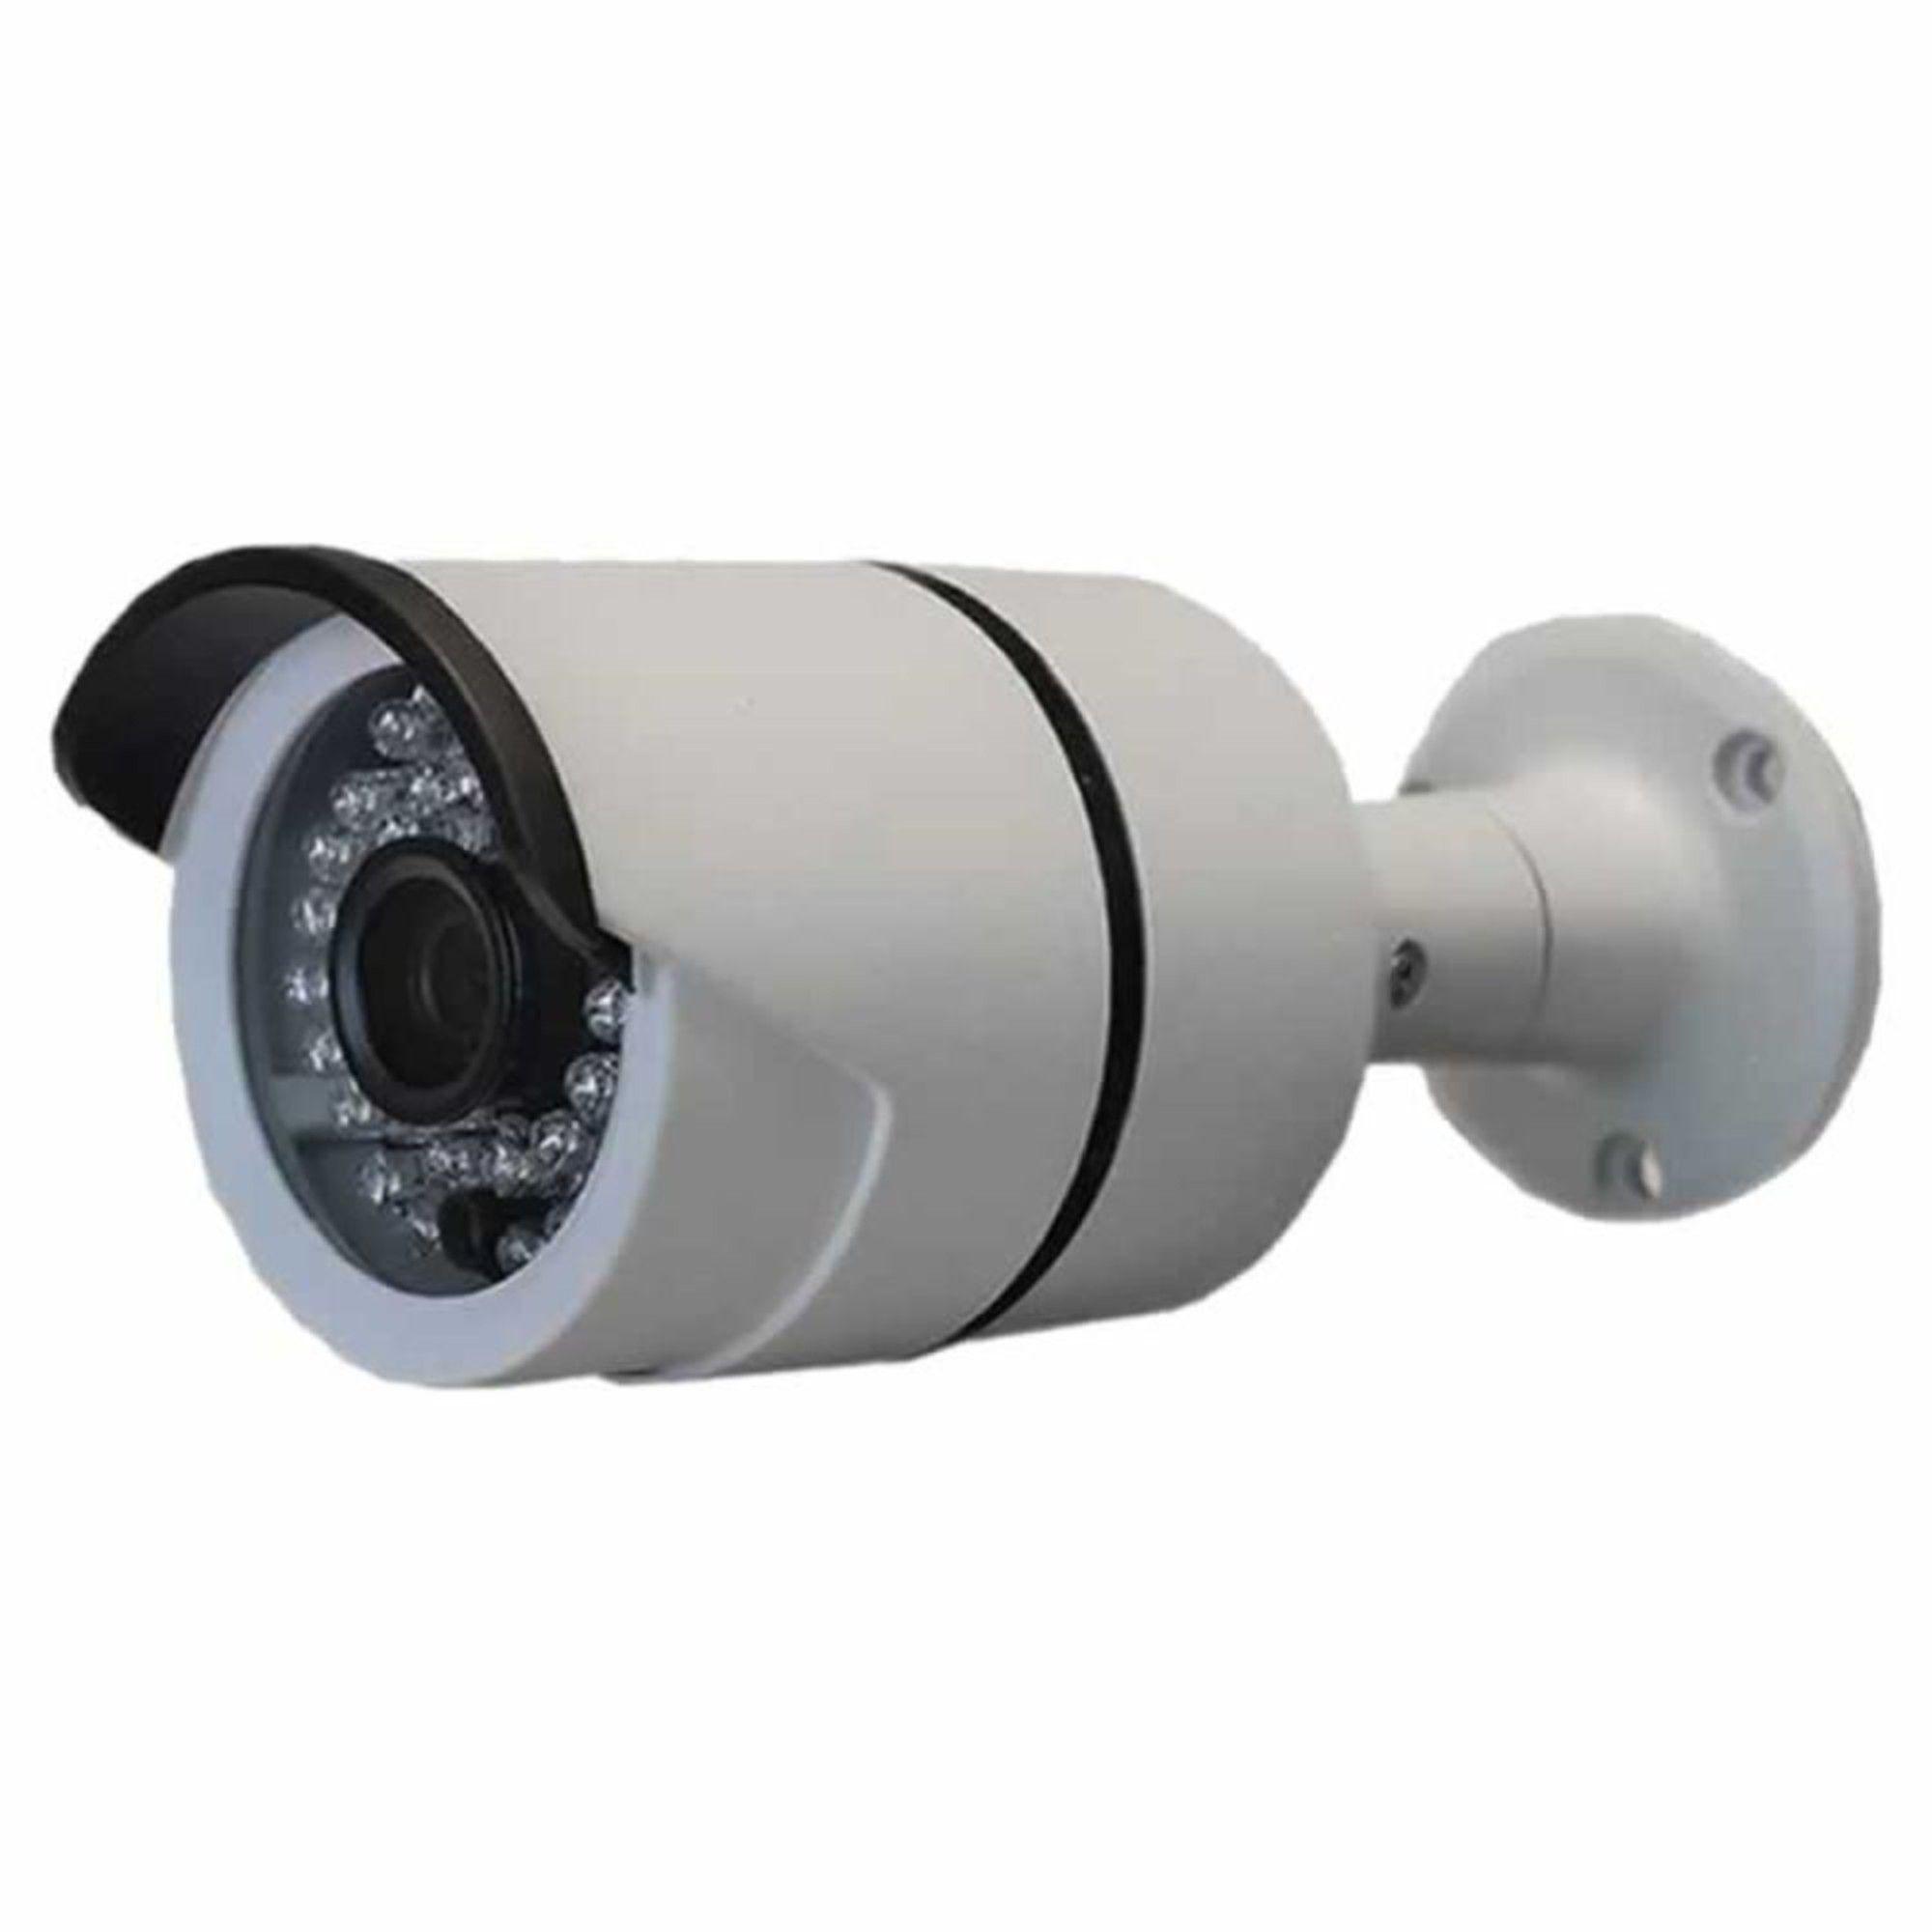 Câmera Infra Canhão AHD 720p 3.6mm Jortan